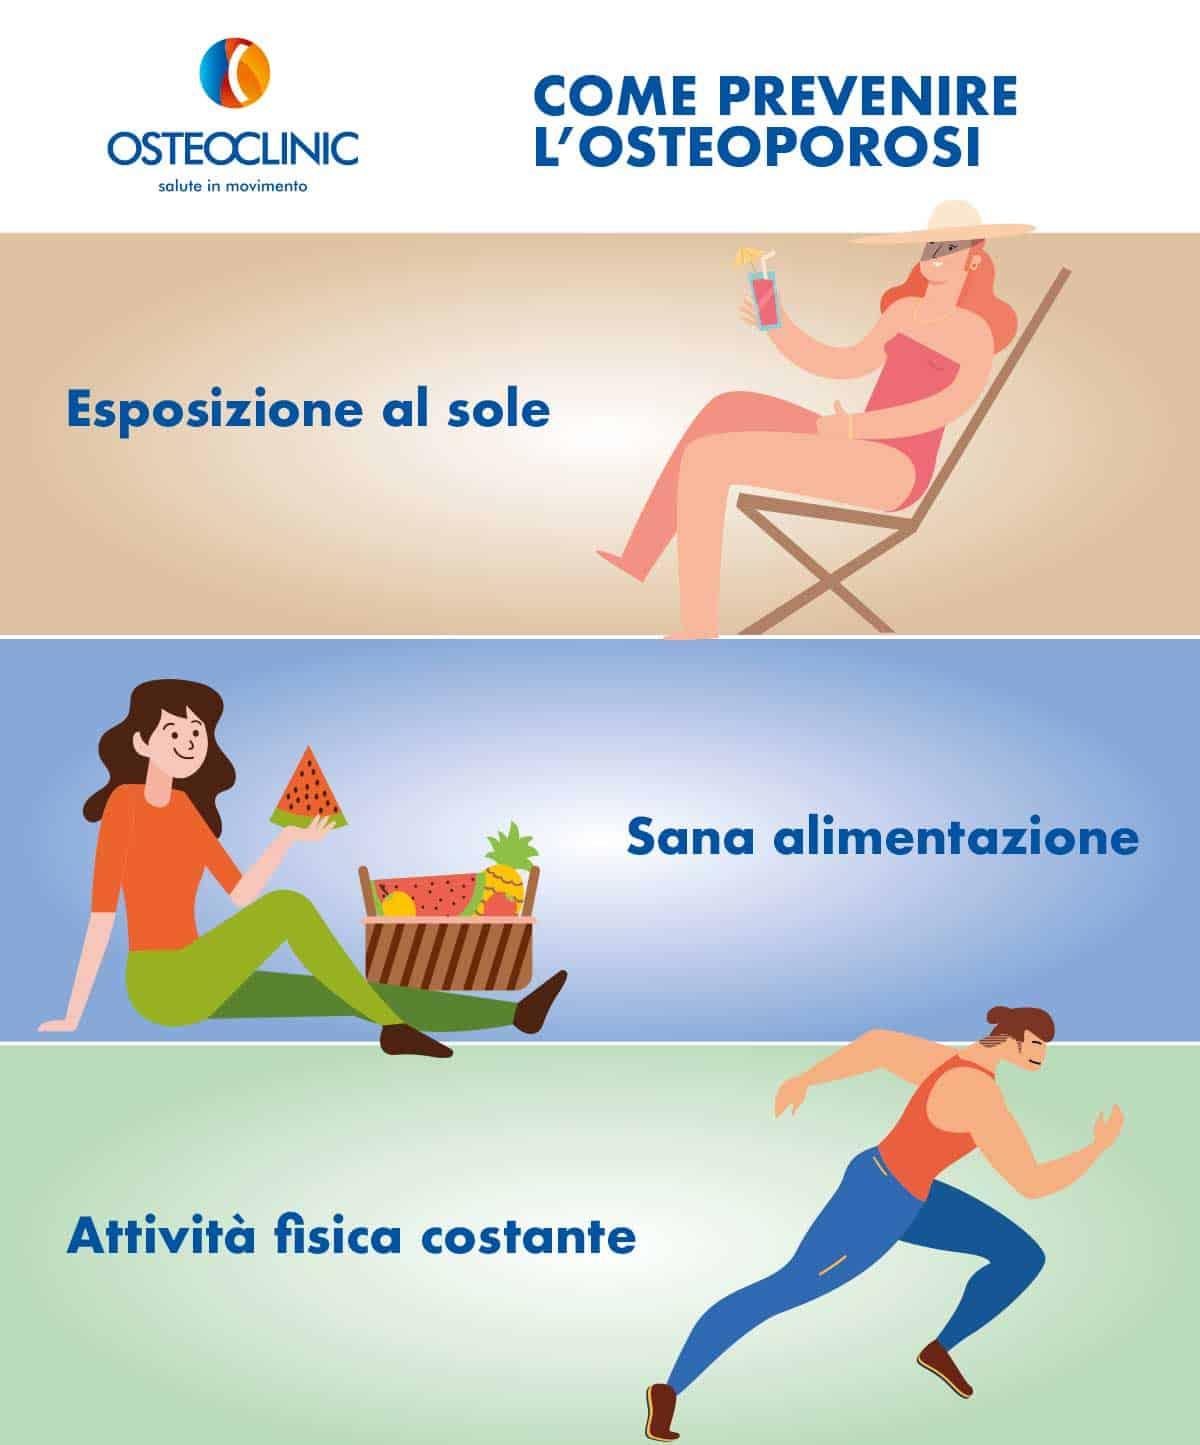 Osteoporosi prevenzione